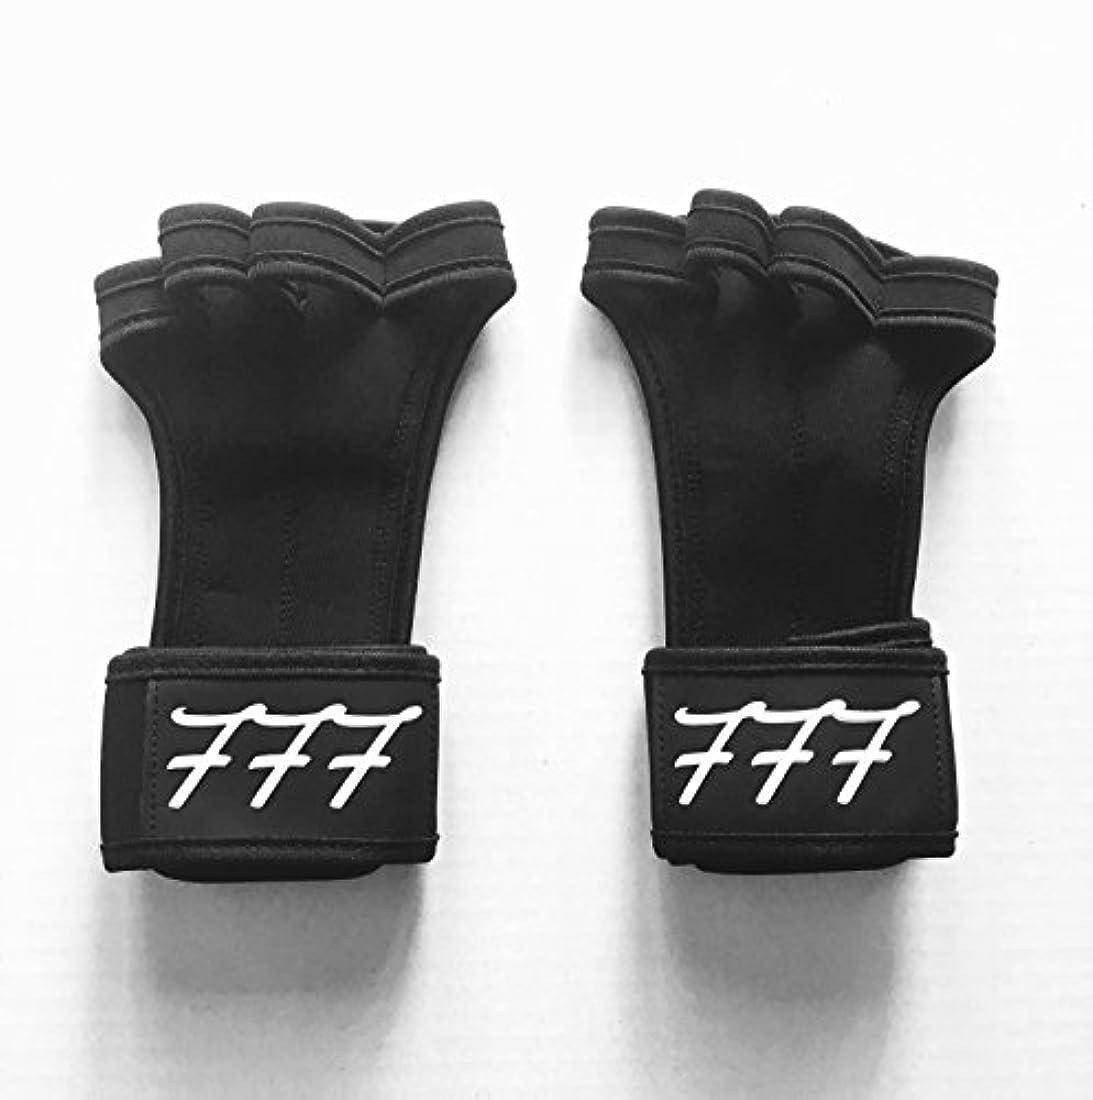 整理するパンリボン777ワークアウト用手袋Weighlifting、抱く、クロスフィット、HIITトレーニング、 – ボーナスeBook – シリコンパディングを防ぐために裂ける – anti-stink – 手首サポート